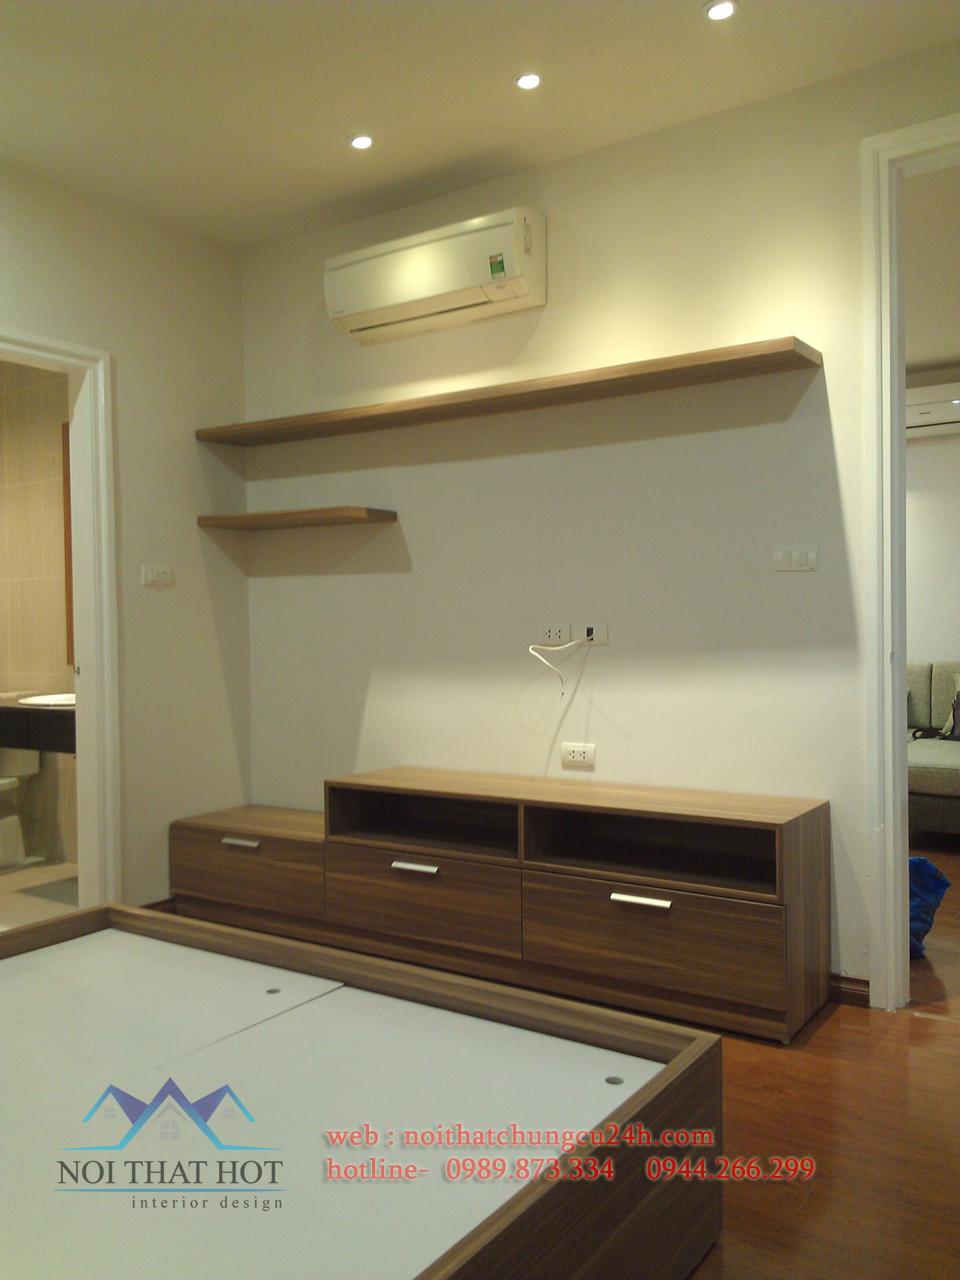 nội thất chung cư hiện đại với diện tích nhỏ